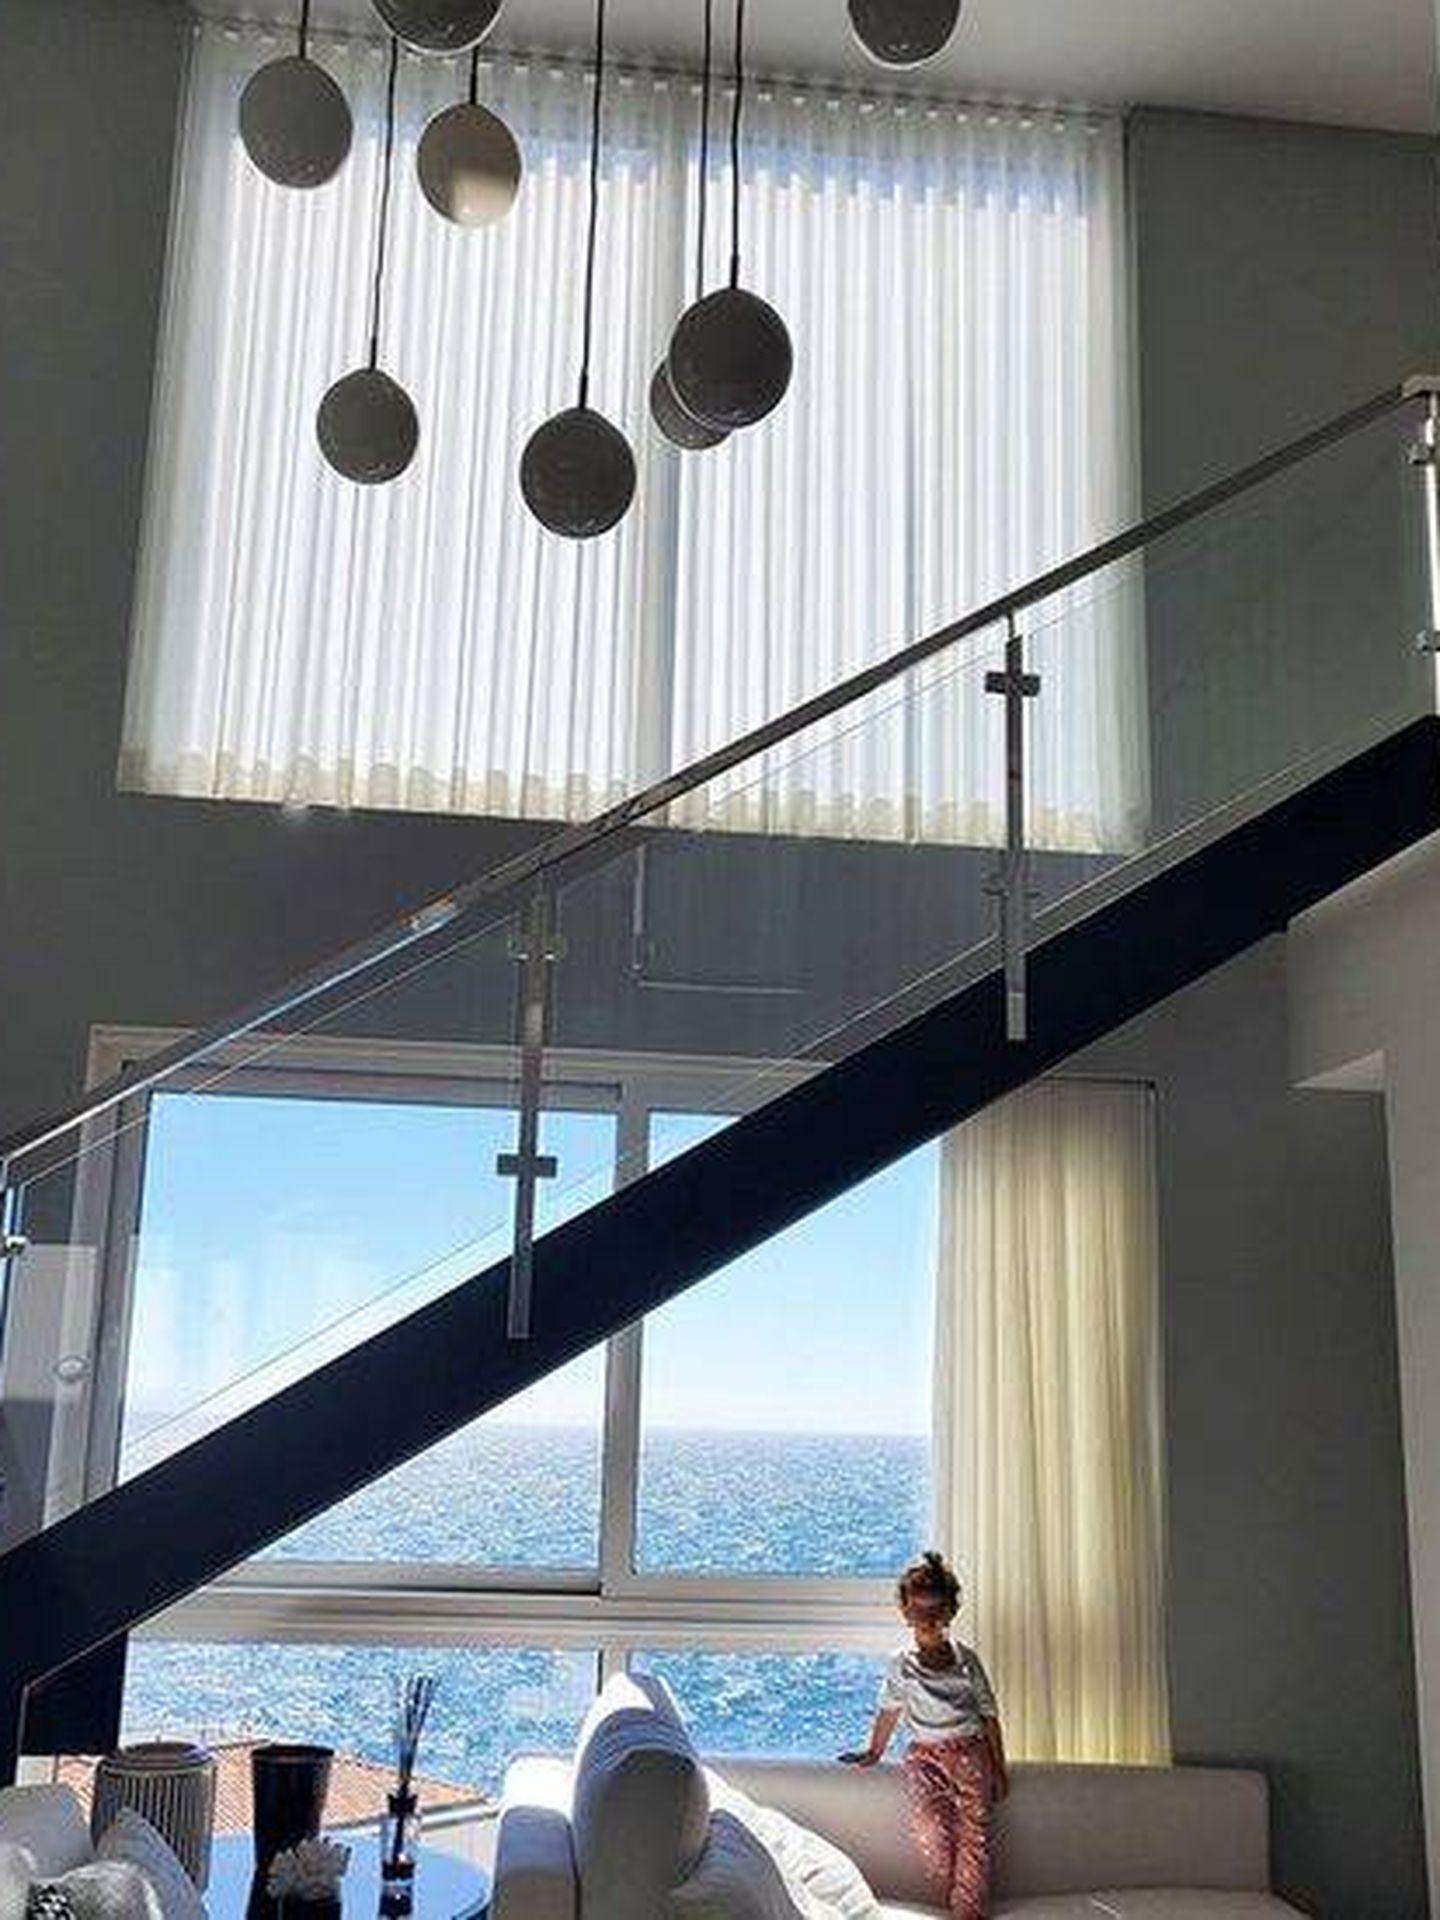 El interior de la casa. (Instagram @georginagio)